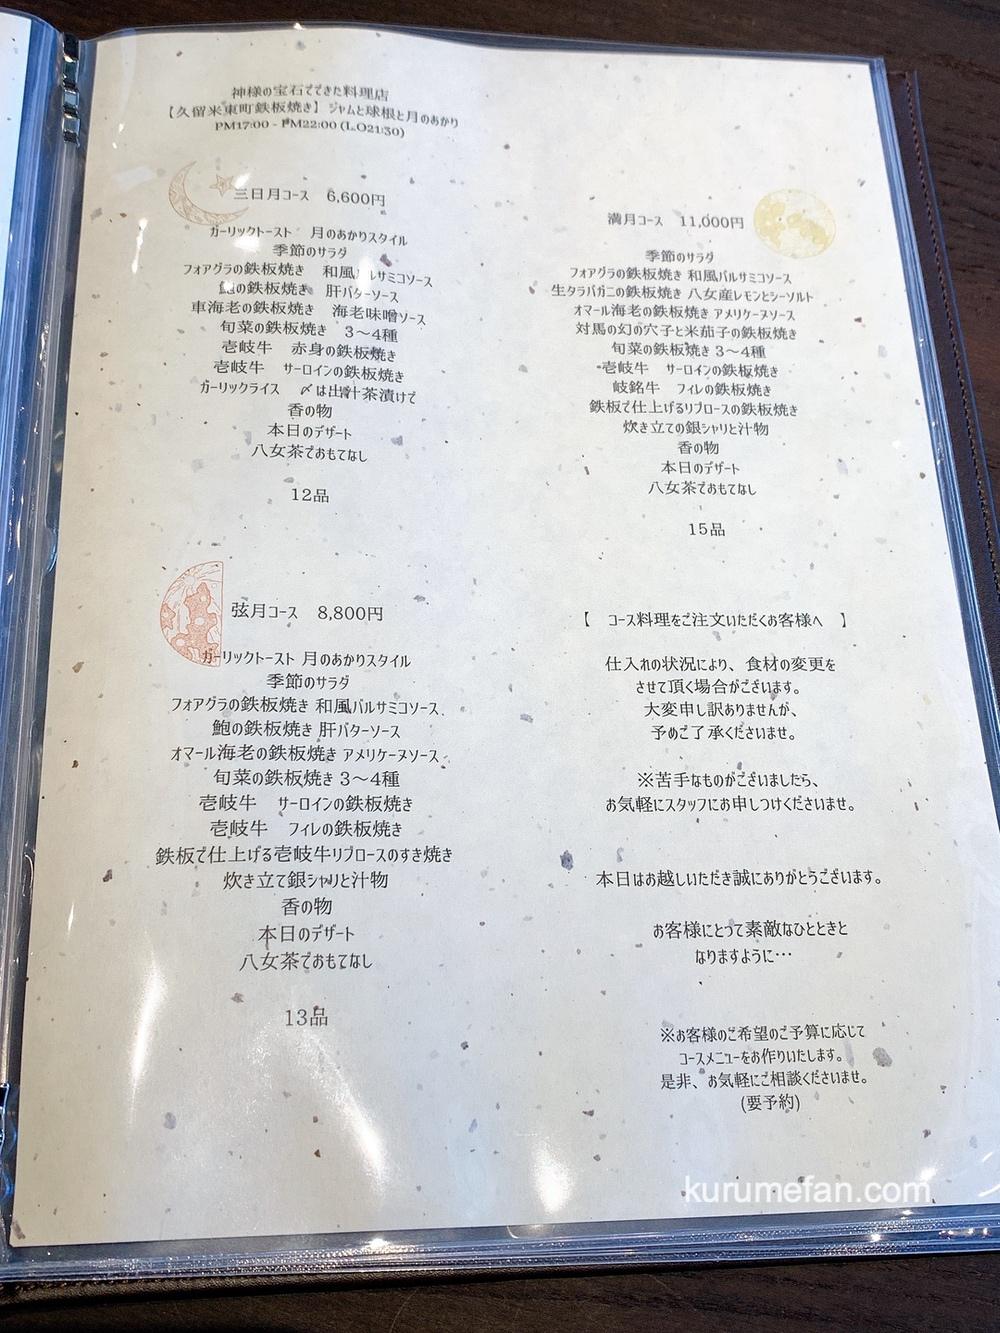 神様の宝石でできた料理店 ディナーメニュー表